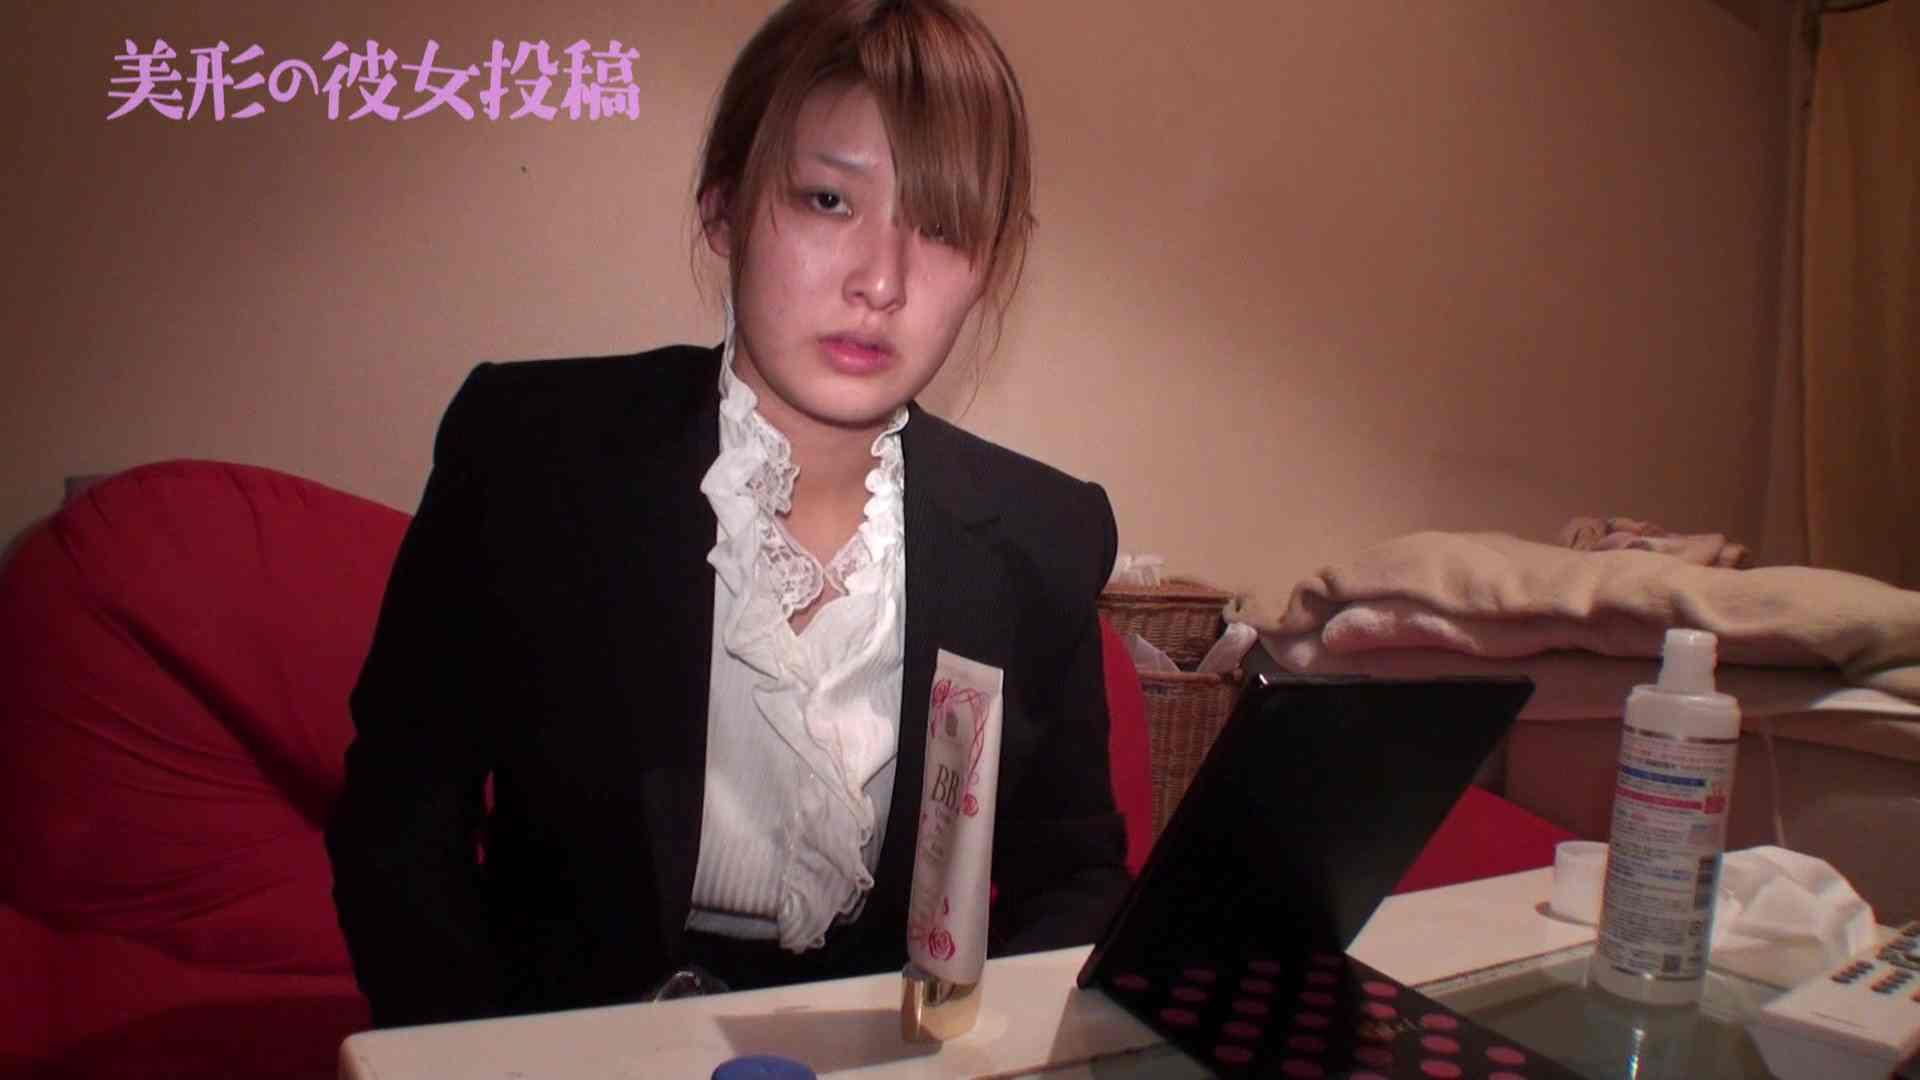 超美形の彼女を投稿!! 投稿  82pic 24